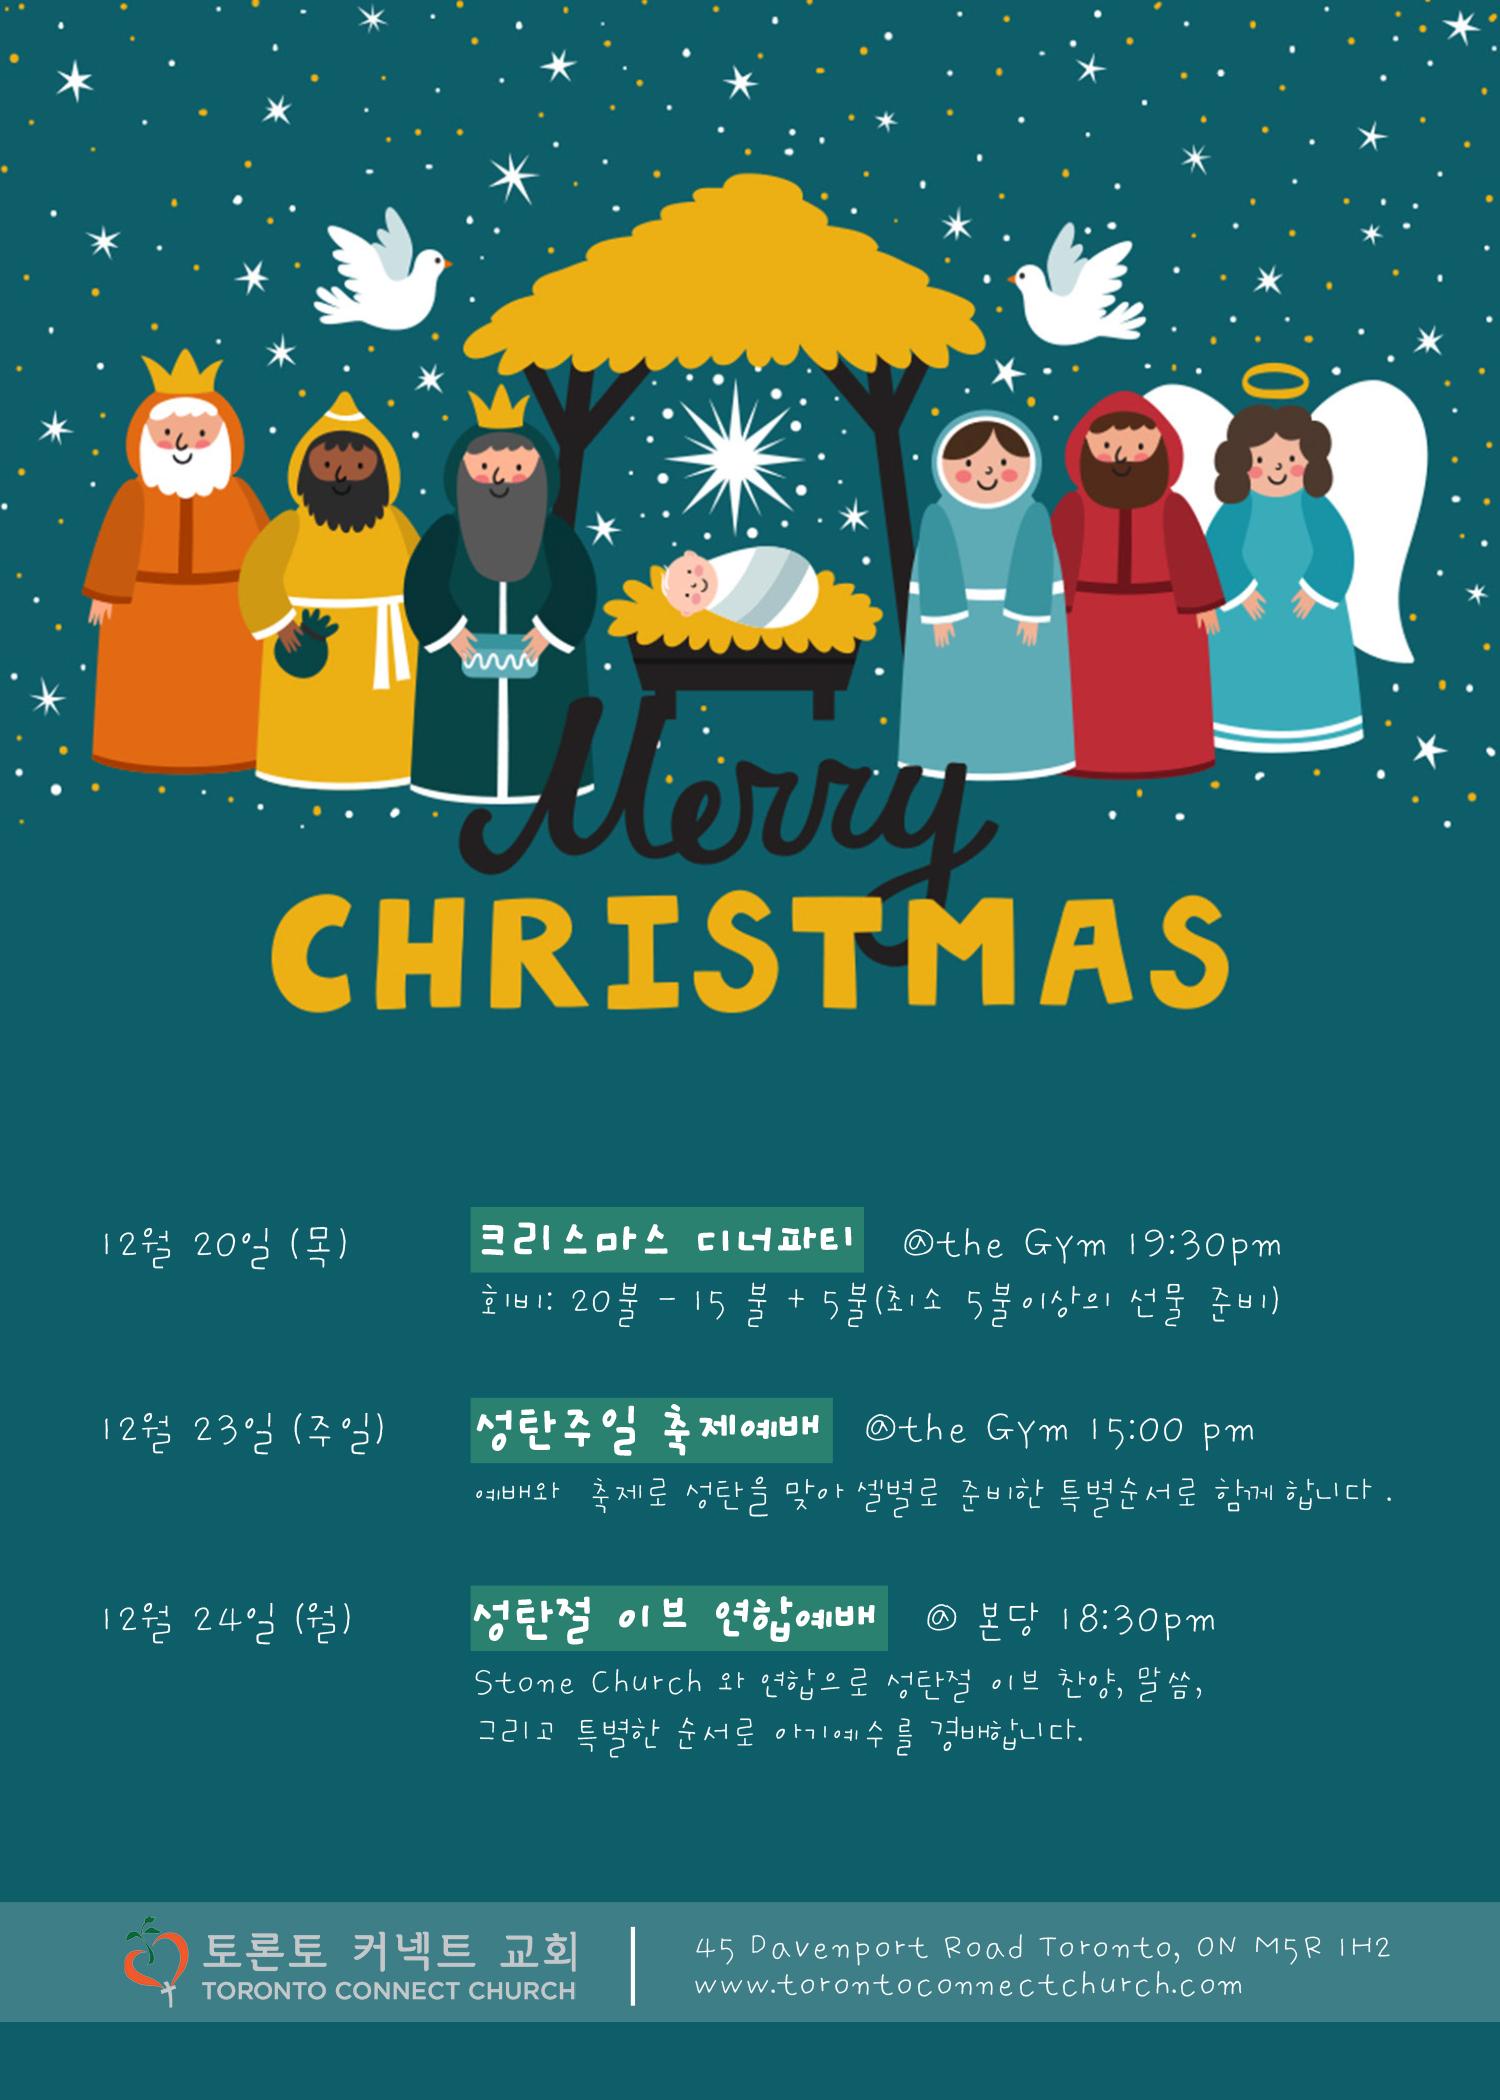 12월 성탄절 특별 행사 안내 초대장입니다.